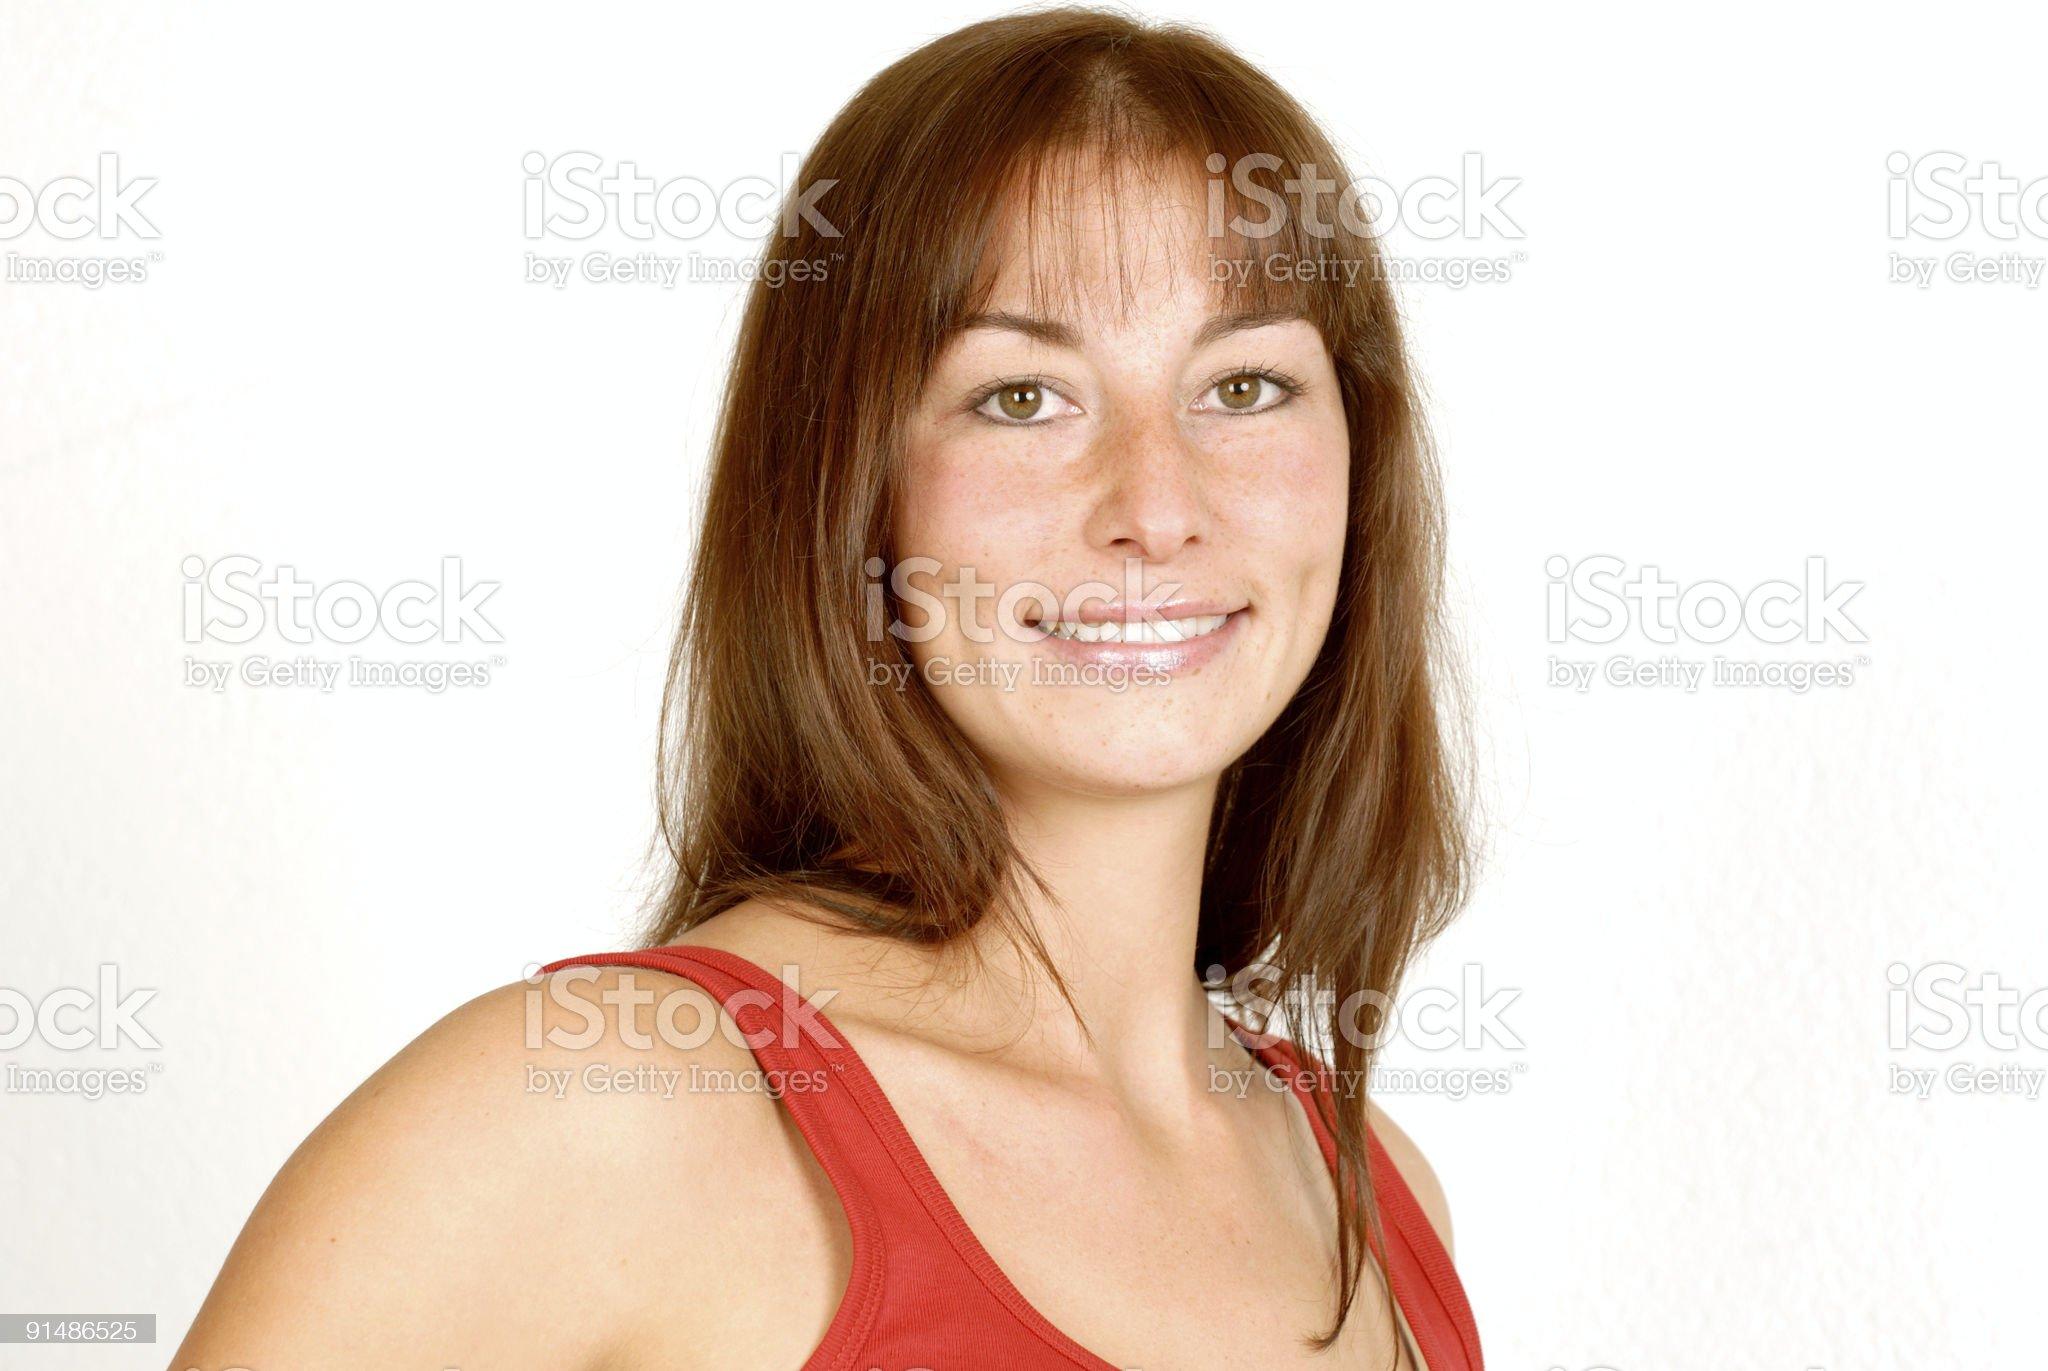 Beautiful Women royalty-free stock photo